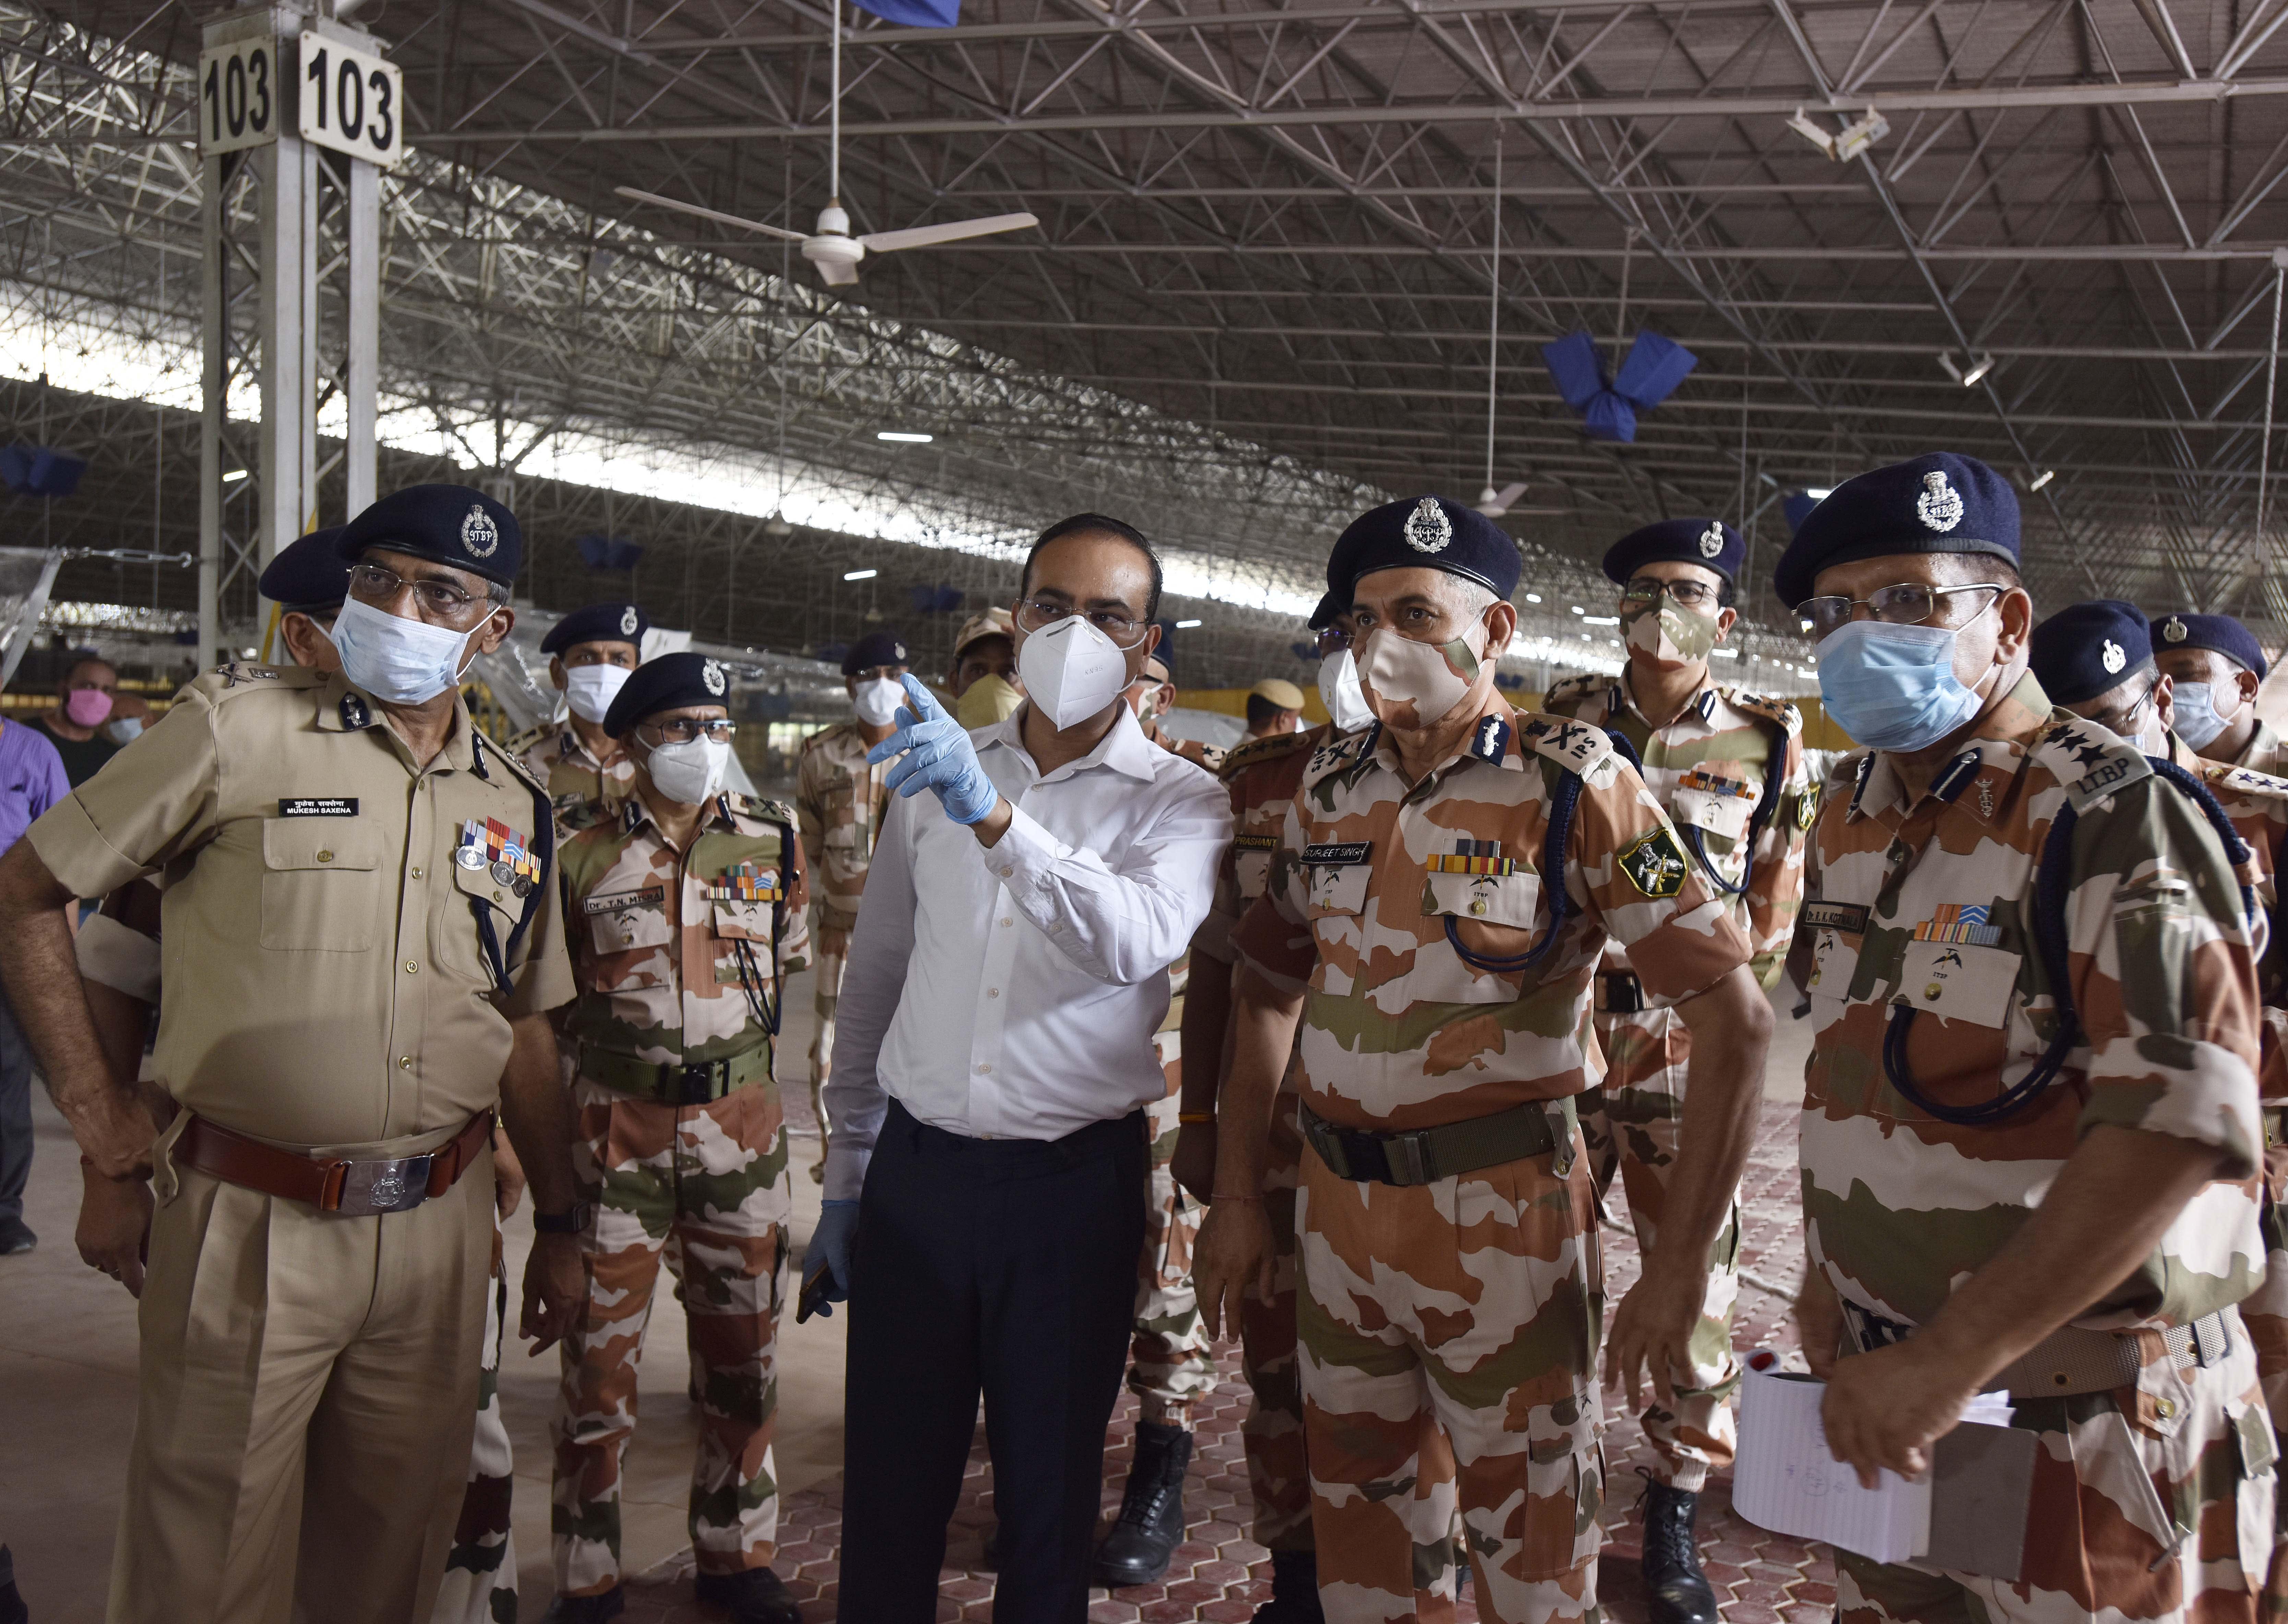 भारत में कोरोनावायरस के मामले बड़े शहरों के रूप में 500,000 को पार कर जाते हैं